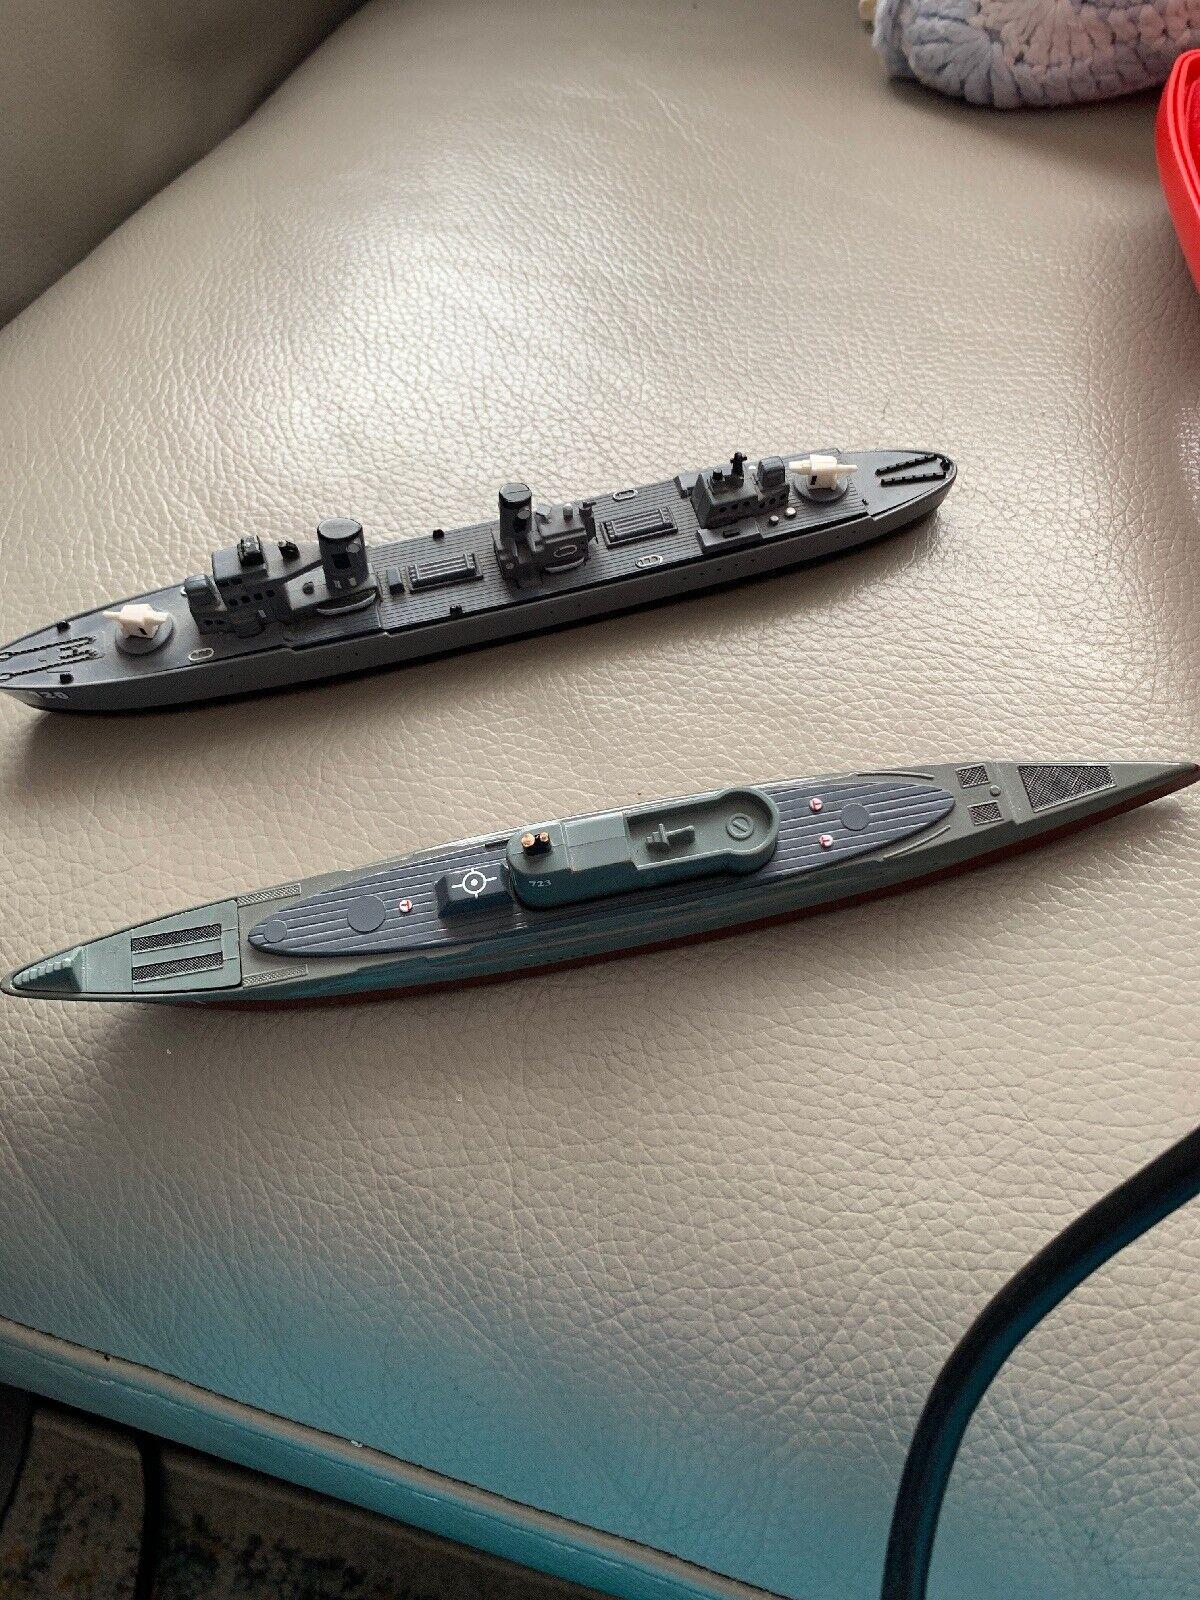 Schuco Submarine ZJ-5 And Schuco Convoy Escort ZJ-2